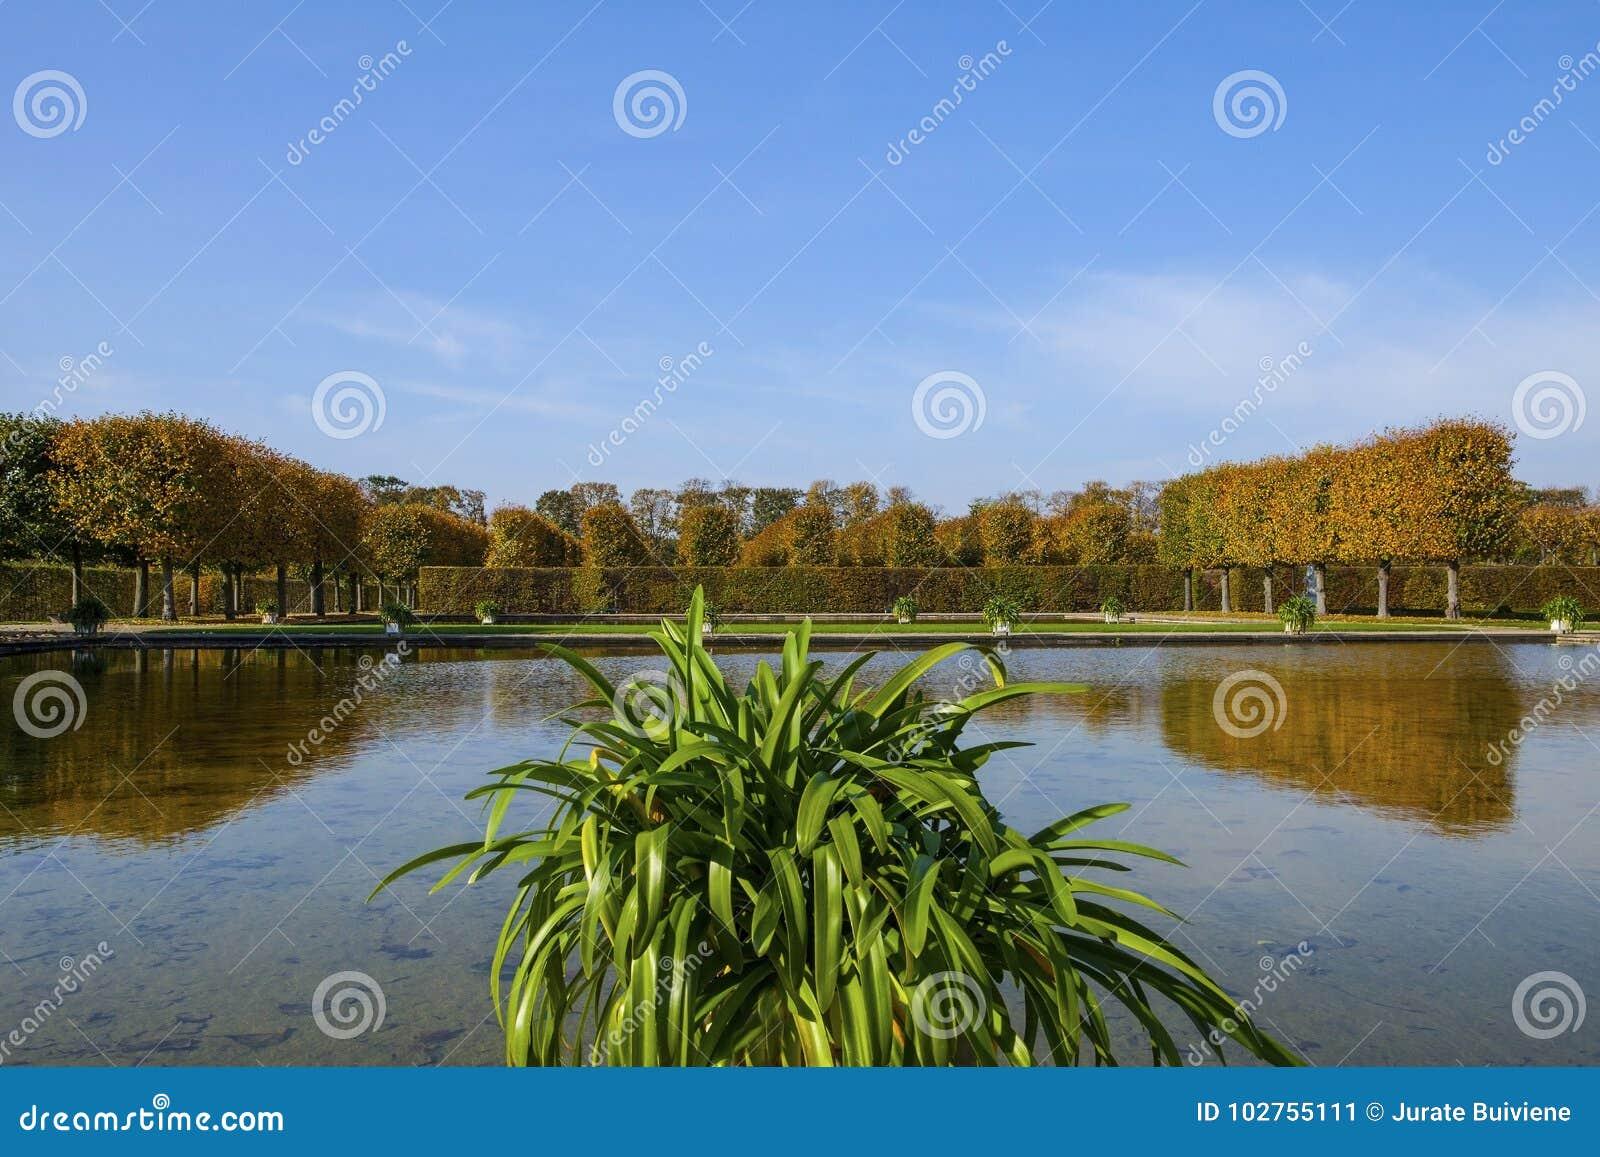 Herrenhauser Garten Stock Image Image Of Blue Baroque 102755111